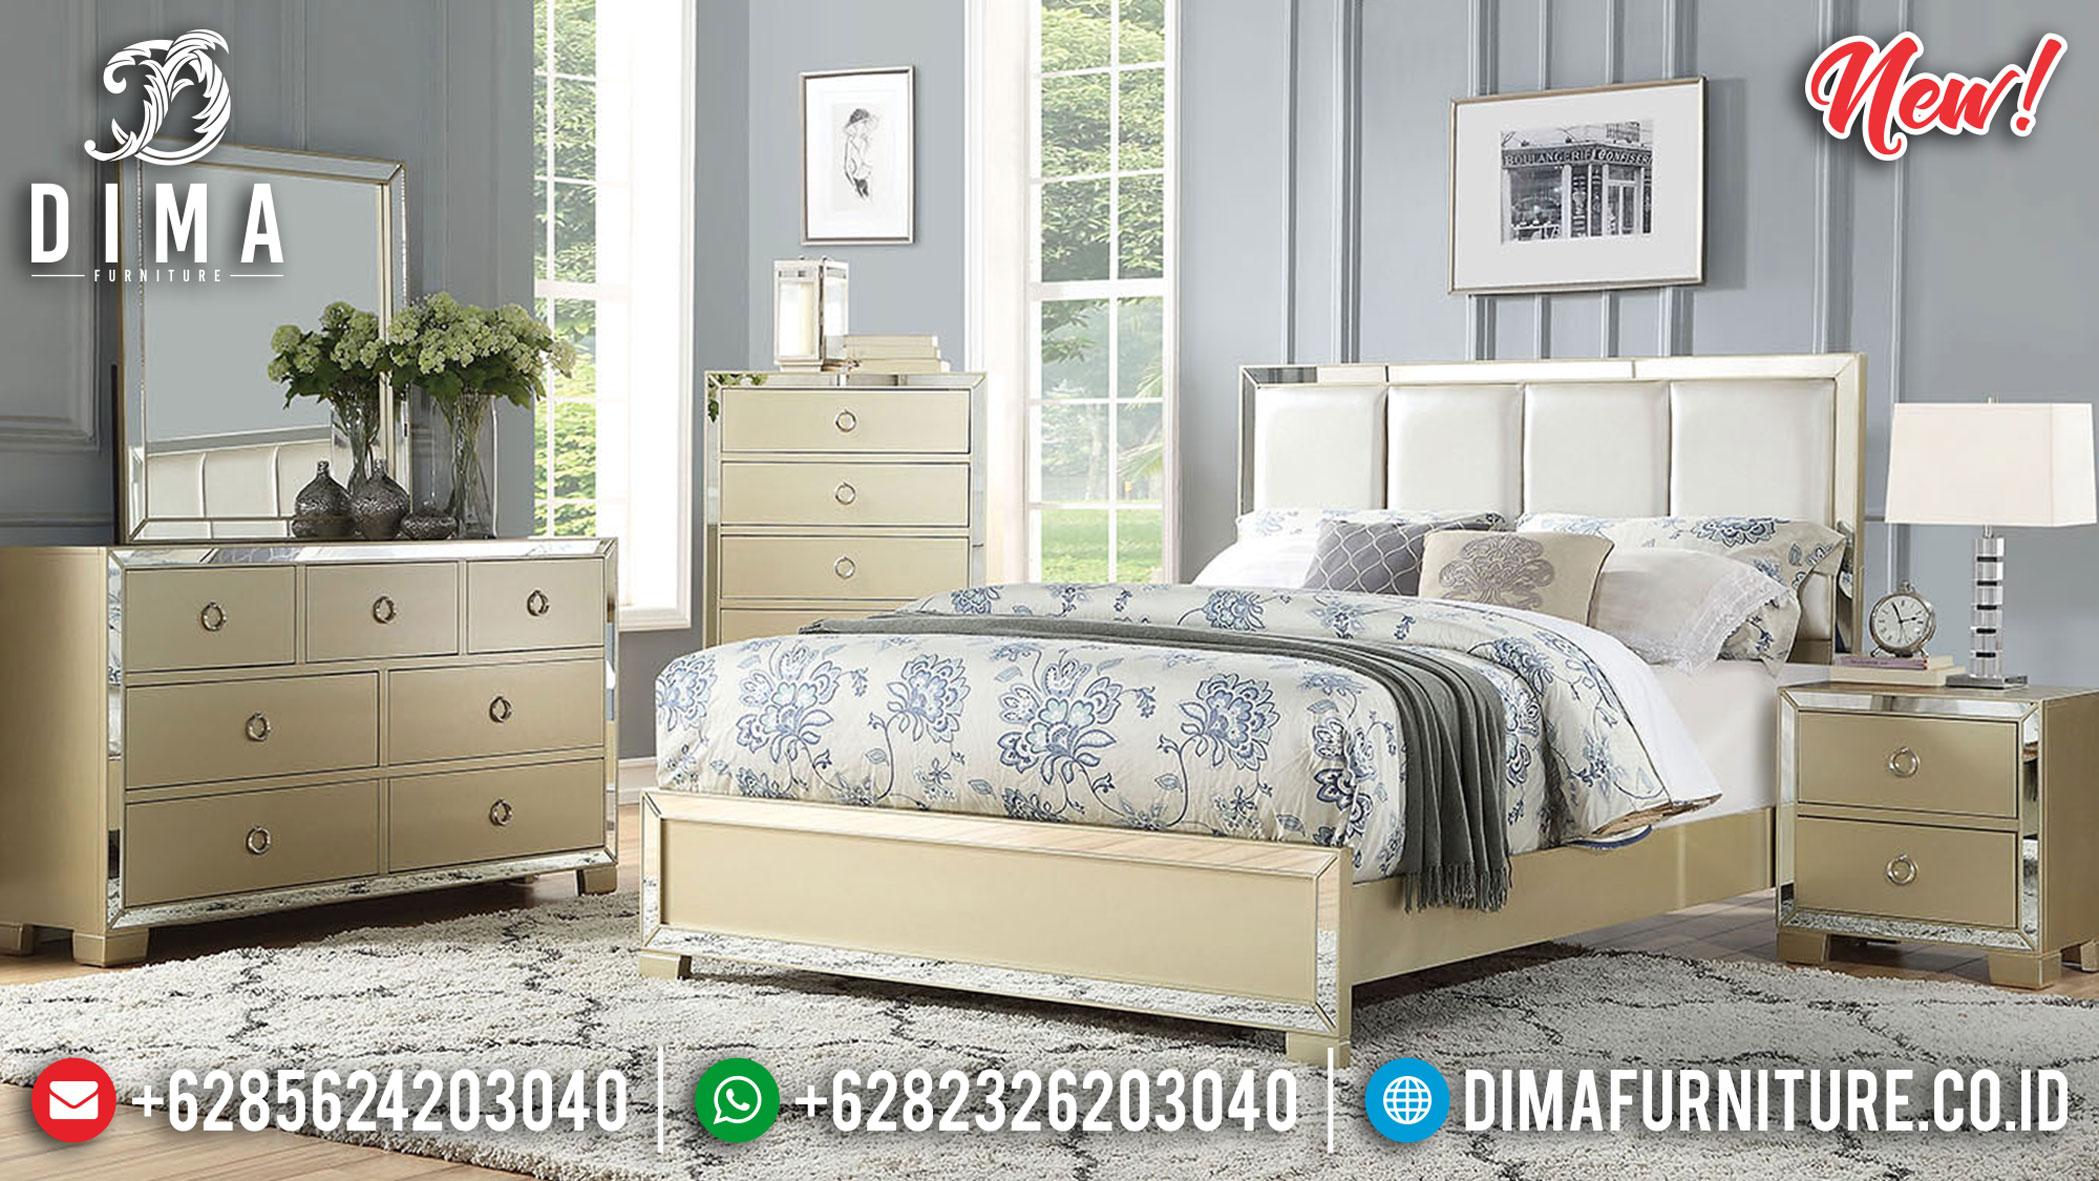 Jual Tempat Tidur Mewah Minimalis Design Golden Champagne Glossy Color TTJ-1169